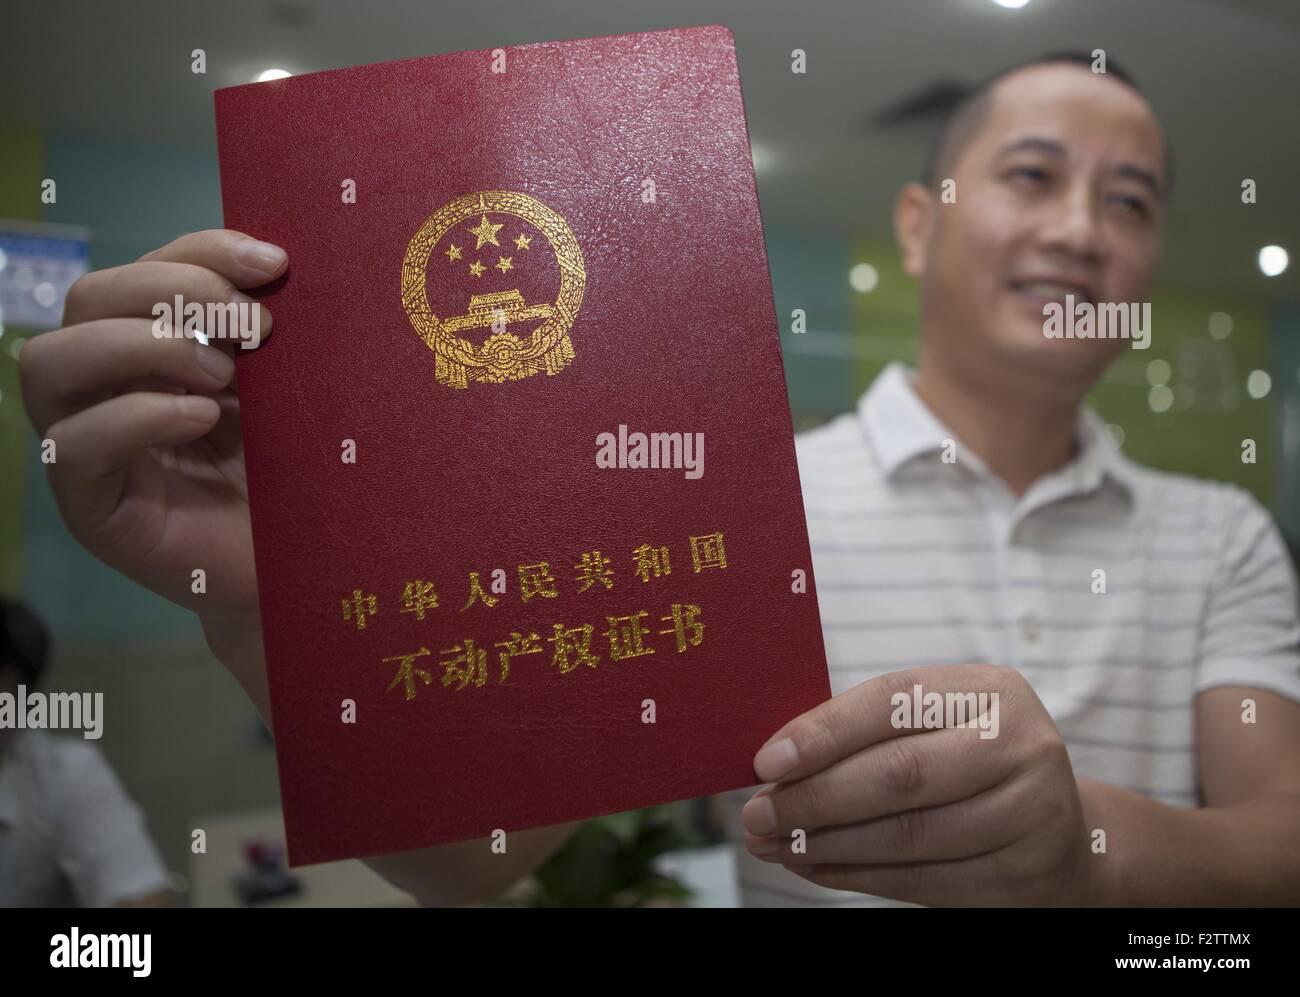 """(150924) -- SHENZHEN, el 24 de septiembre, 2015 (Xinhua) -- residente apellidado Zhu muestra su certificado inmobiliario en una administración responsable para el registro de la propiedad unificada en Shenzhen, en el sur de la Provincia china de Guangdong, el 22 de septiembre, 2015. China Southern boomtown Shenzhen comenzaron el martes su propiedad unificada de registro como parte de una inserción nacional para regular el mercado inmobiliario. El Consejo de Estado, el Gabinete de China, publicó el reglamento de registro de la propiedad en diciembre de 2014, los analistas dicen que arrojará luz sobre los funcionarios corruptos"""" activos ilícitos, proteger la propiedad y haga factible Foto de stock"""